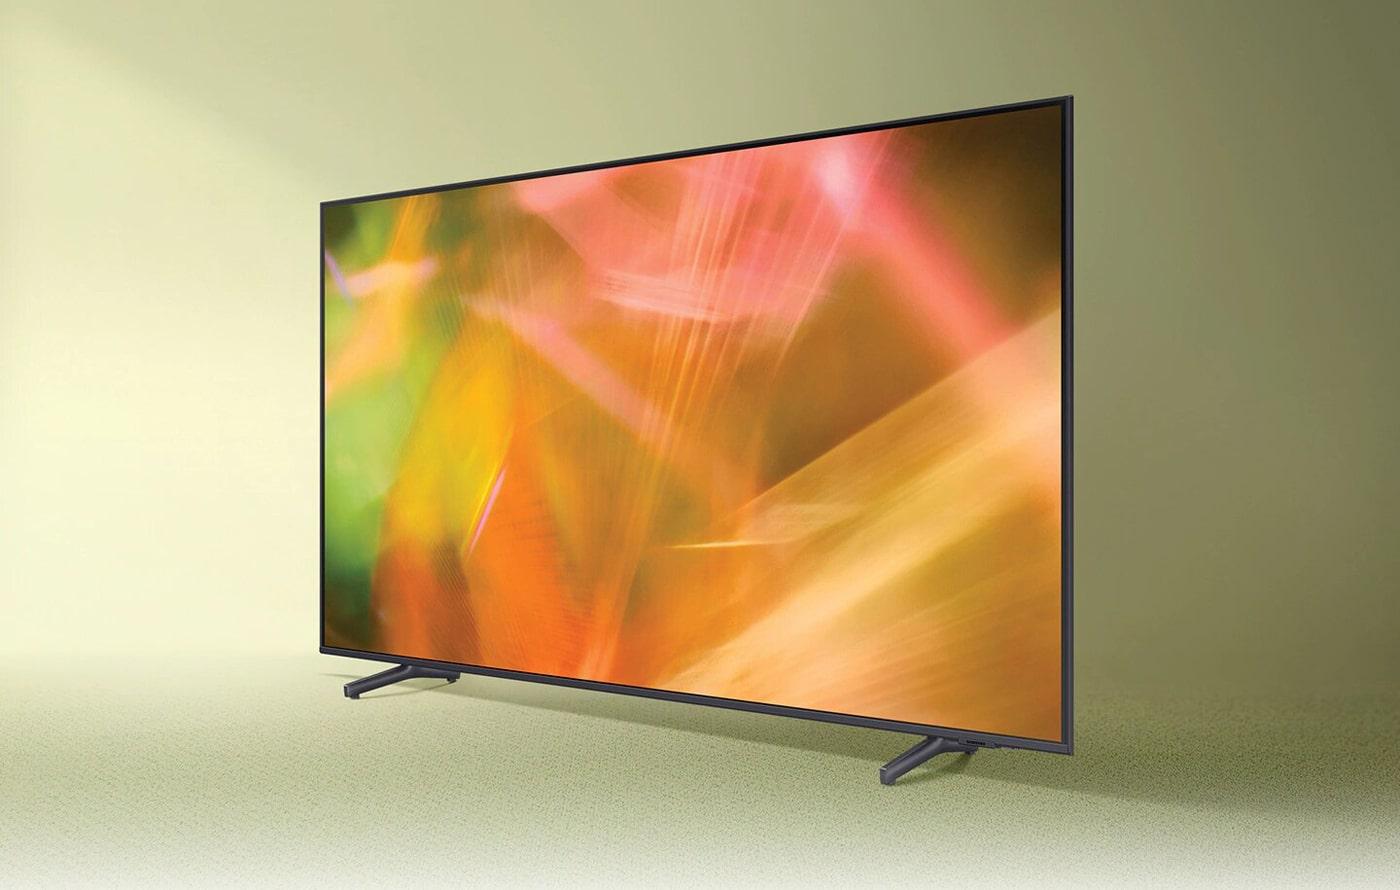 مشخصات تلویزیون سامسونگ 55AU8000 با کیفیت تصویر 4K